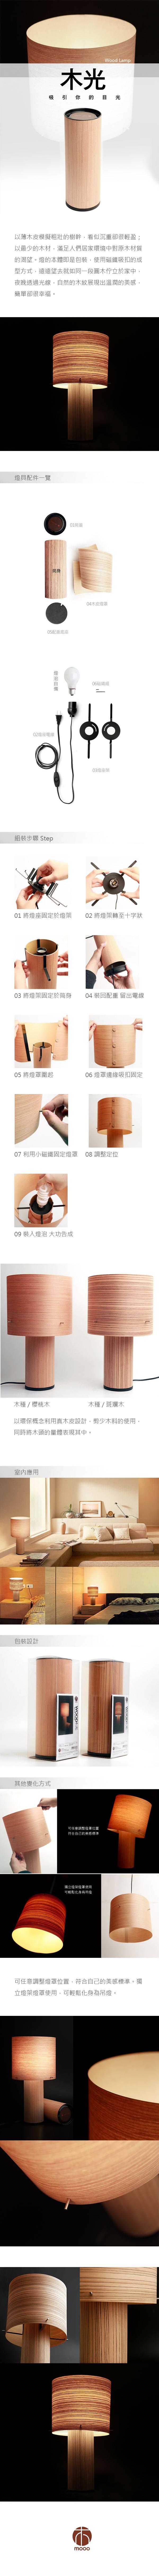 天晴設計 WOOD Lamp木光 真原木皮燈 斑斕木